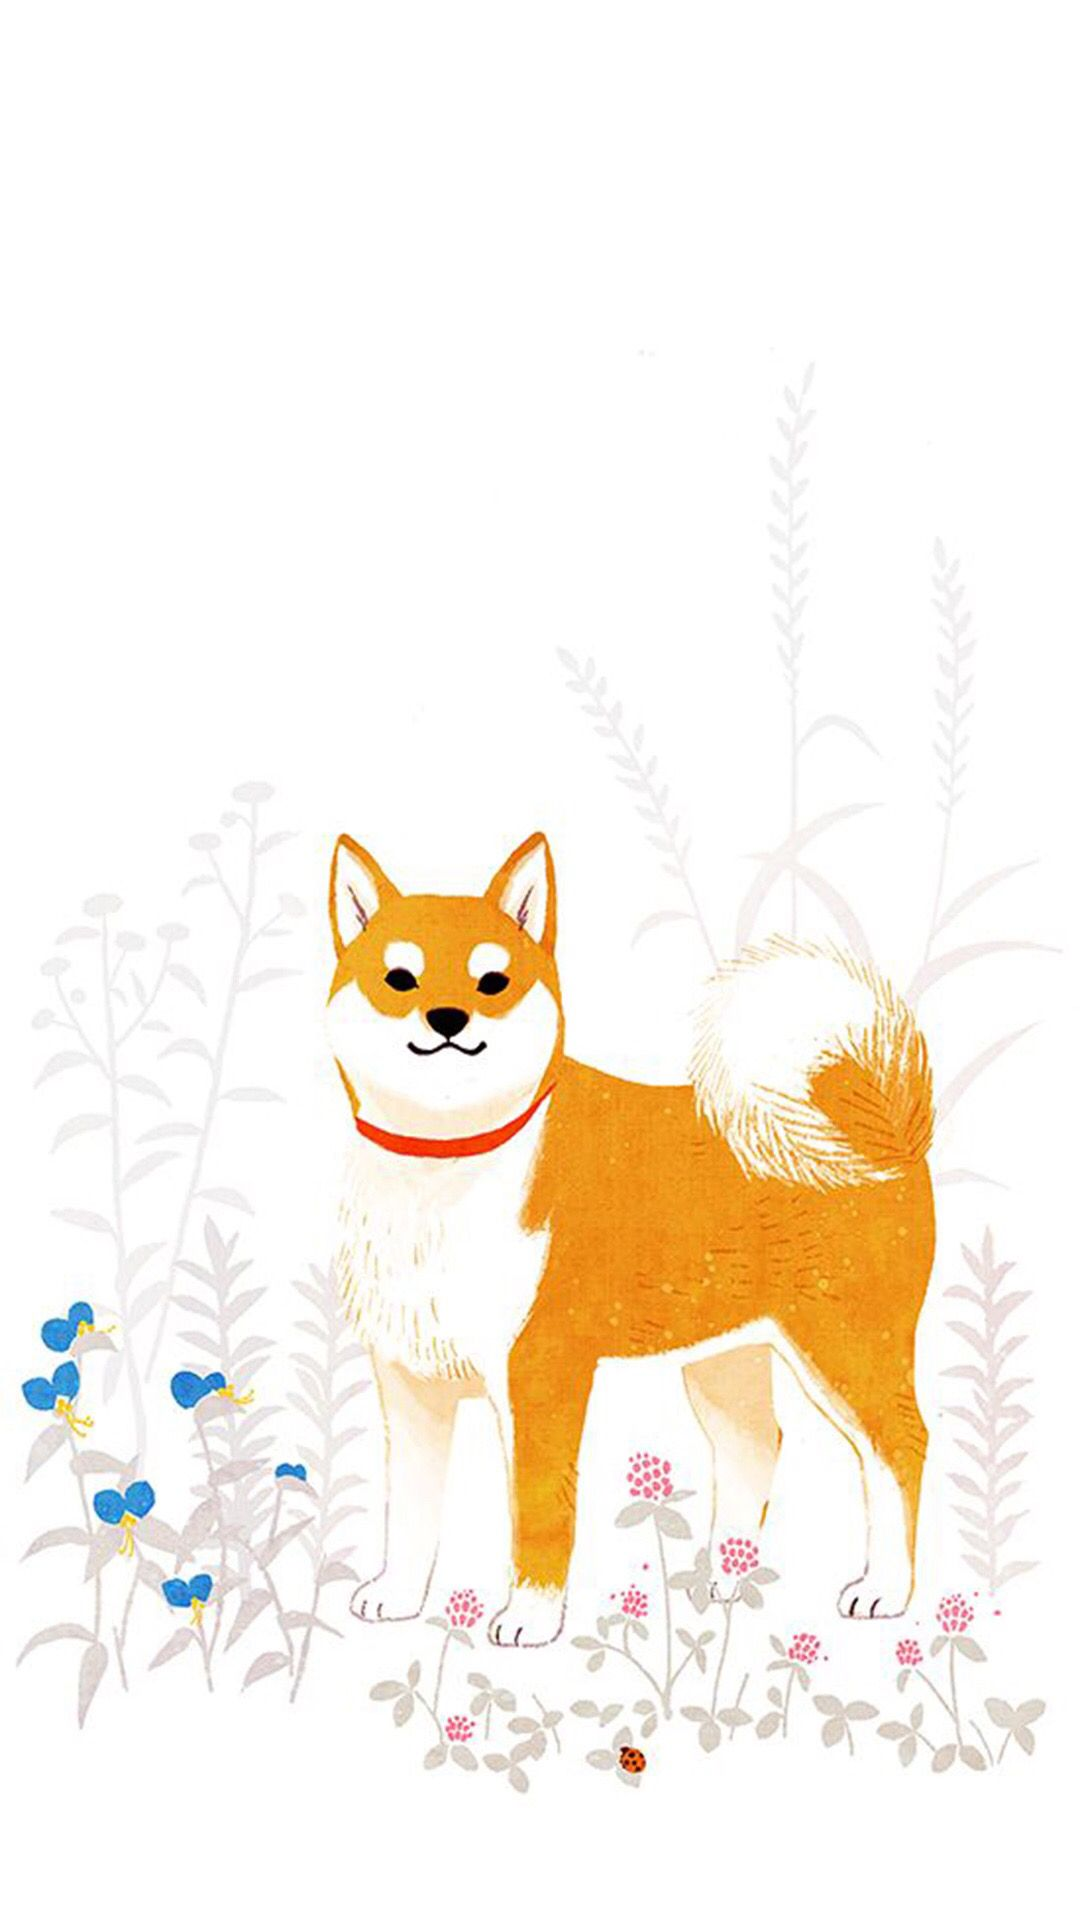 2018 年の「shibaken iphone壁紙 wallpaper backgrounds | ☆動物の